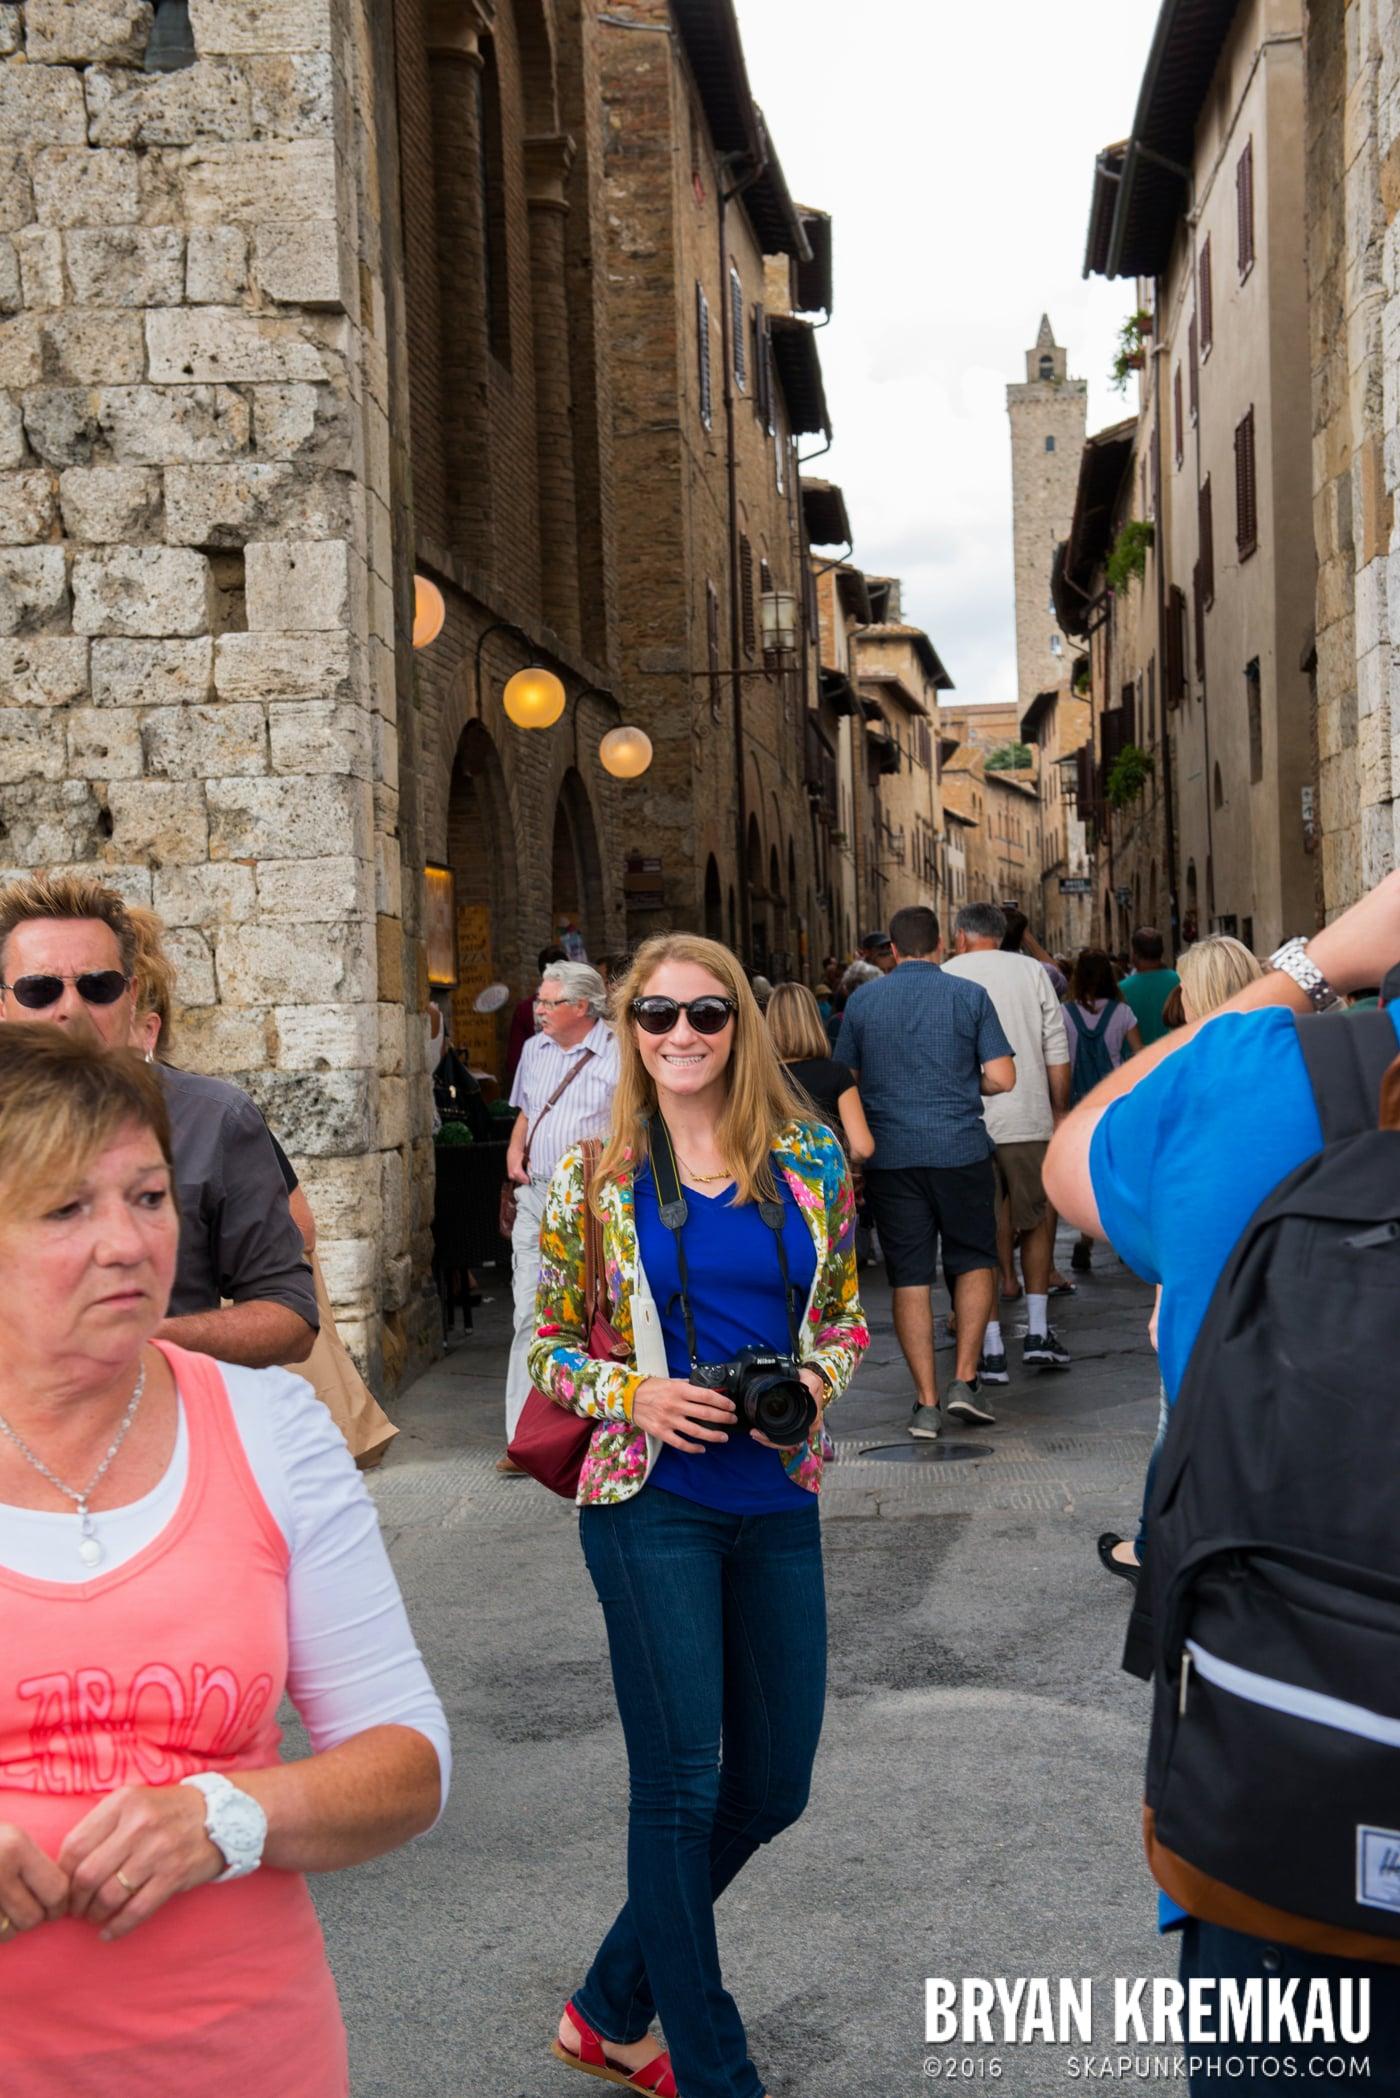 Italy Vacation - Day 8: Siena, San Gimignano, Chianti, Pisa - 9.16.13 (76)